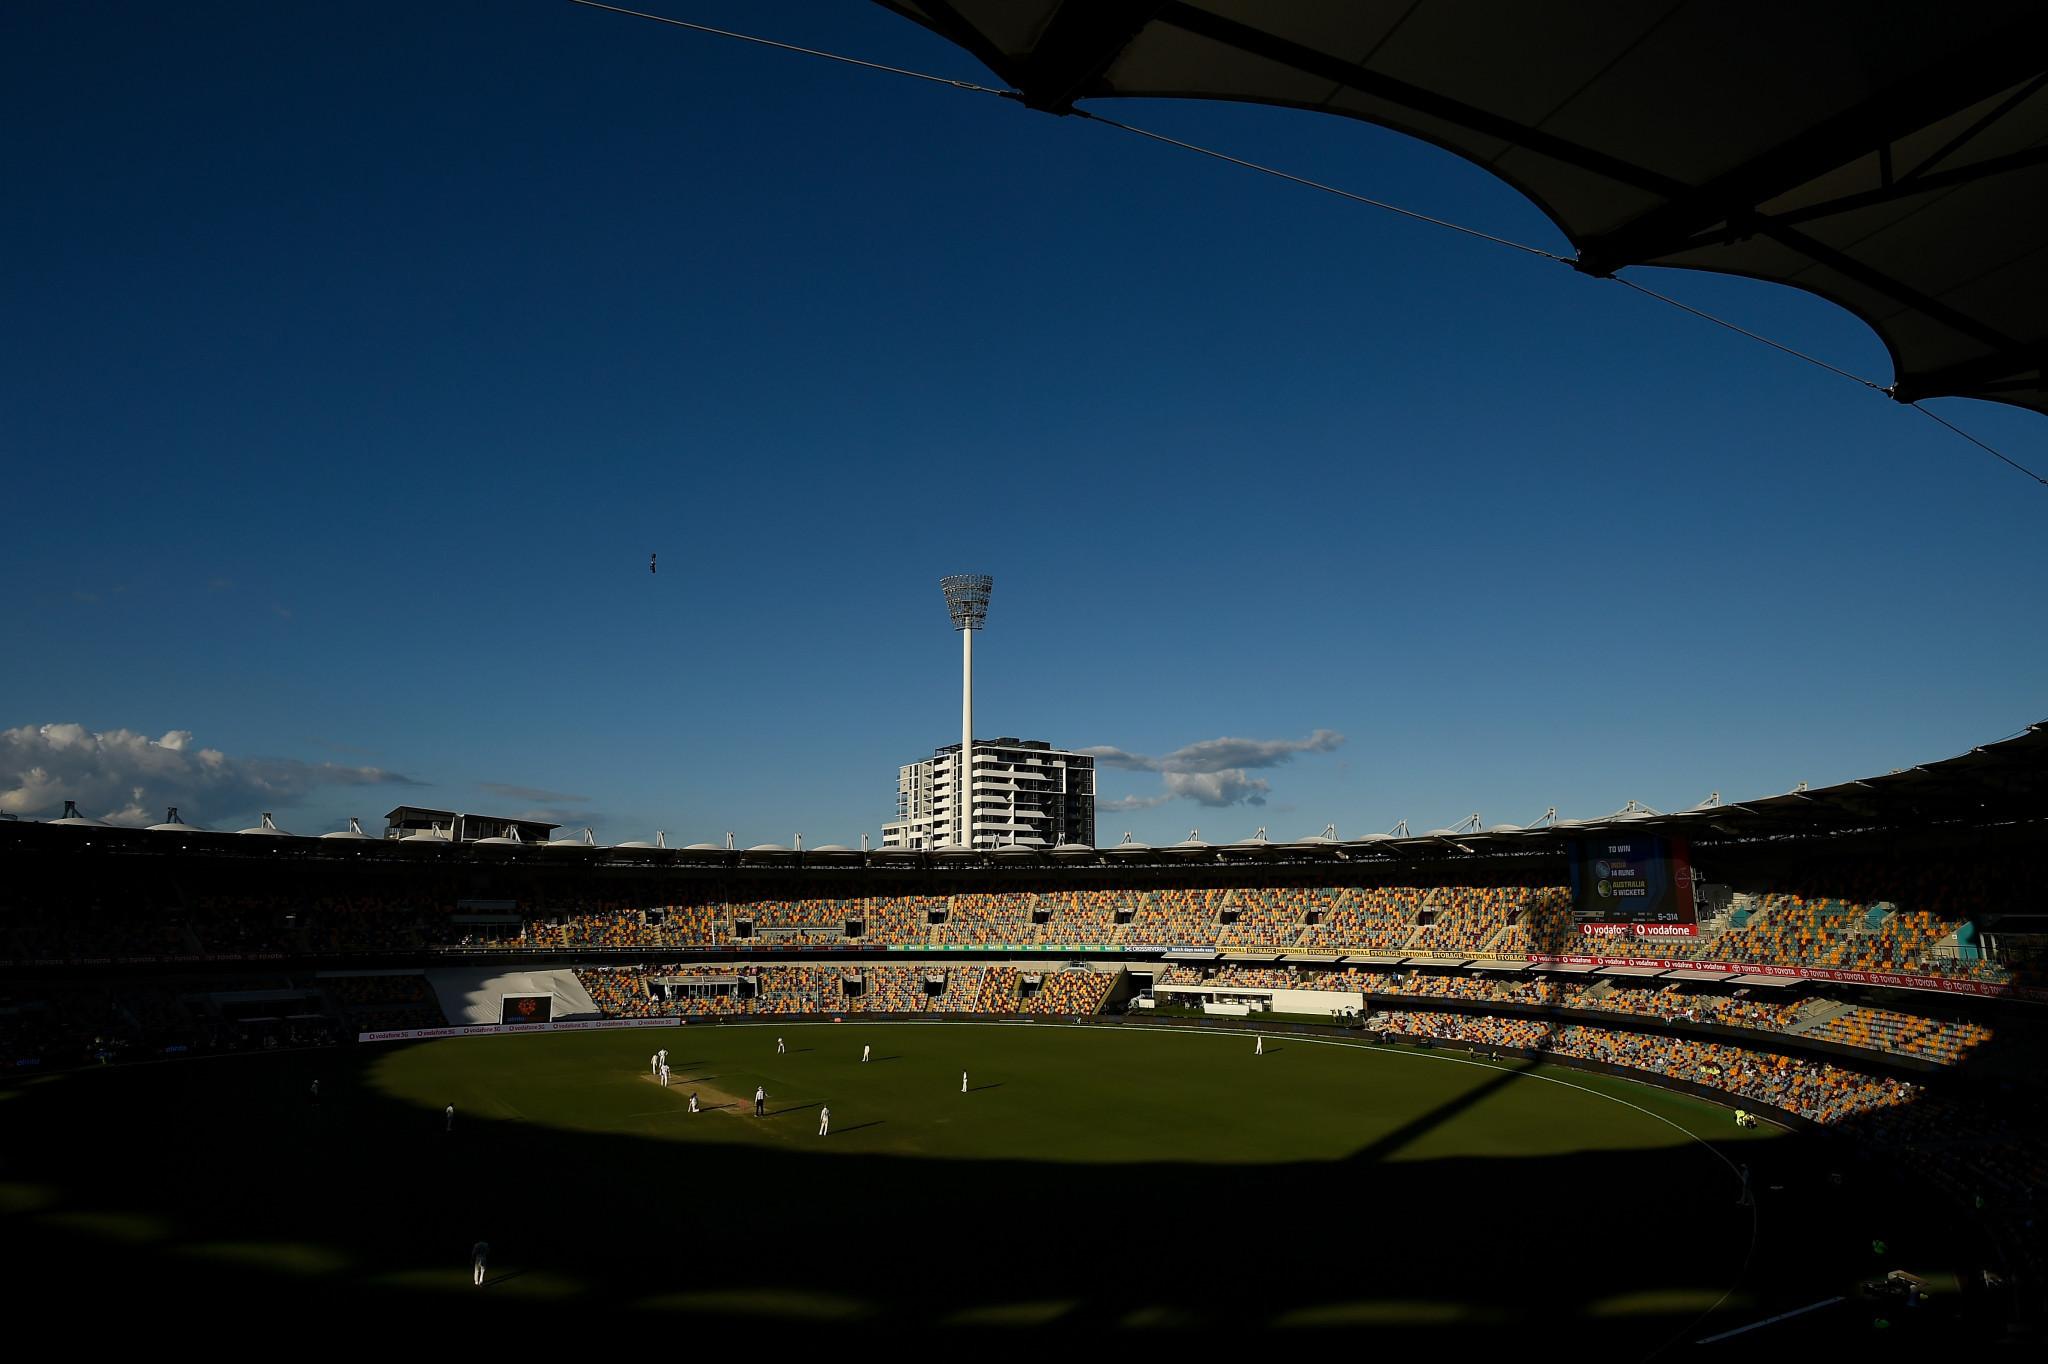 Gabba demolition announcement almost ruined Brisbane 2032 bid, claims politician